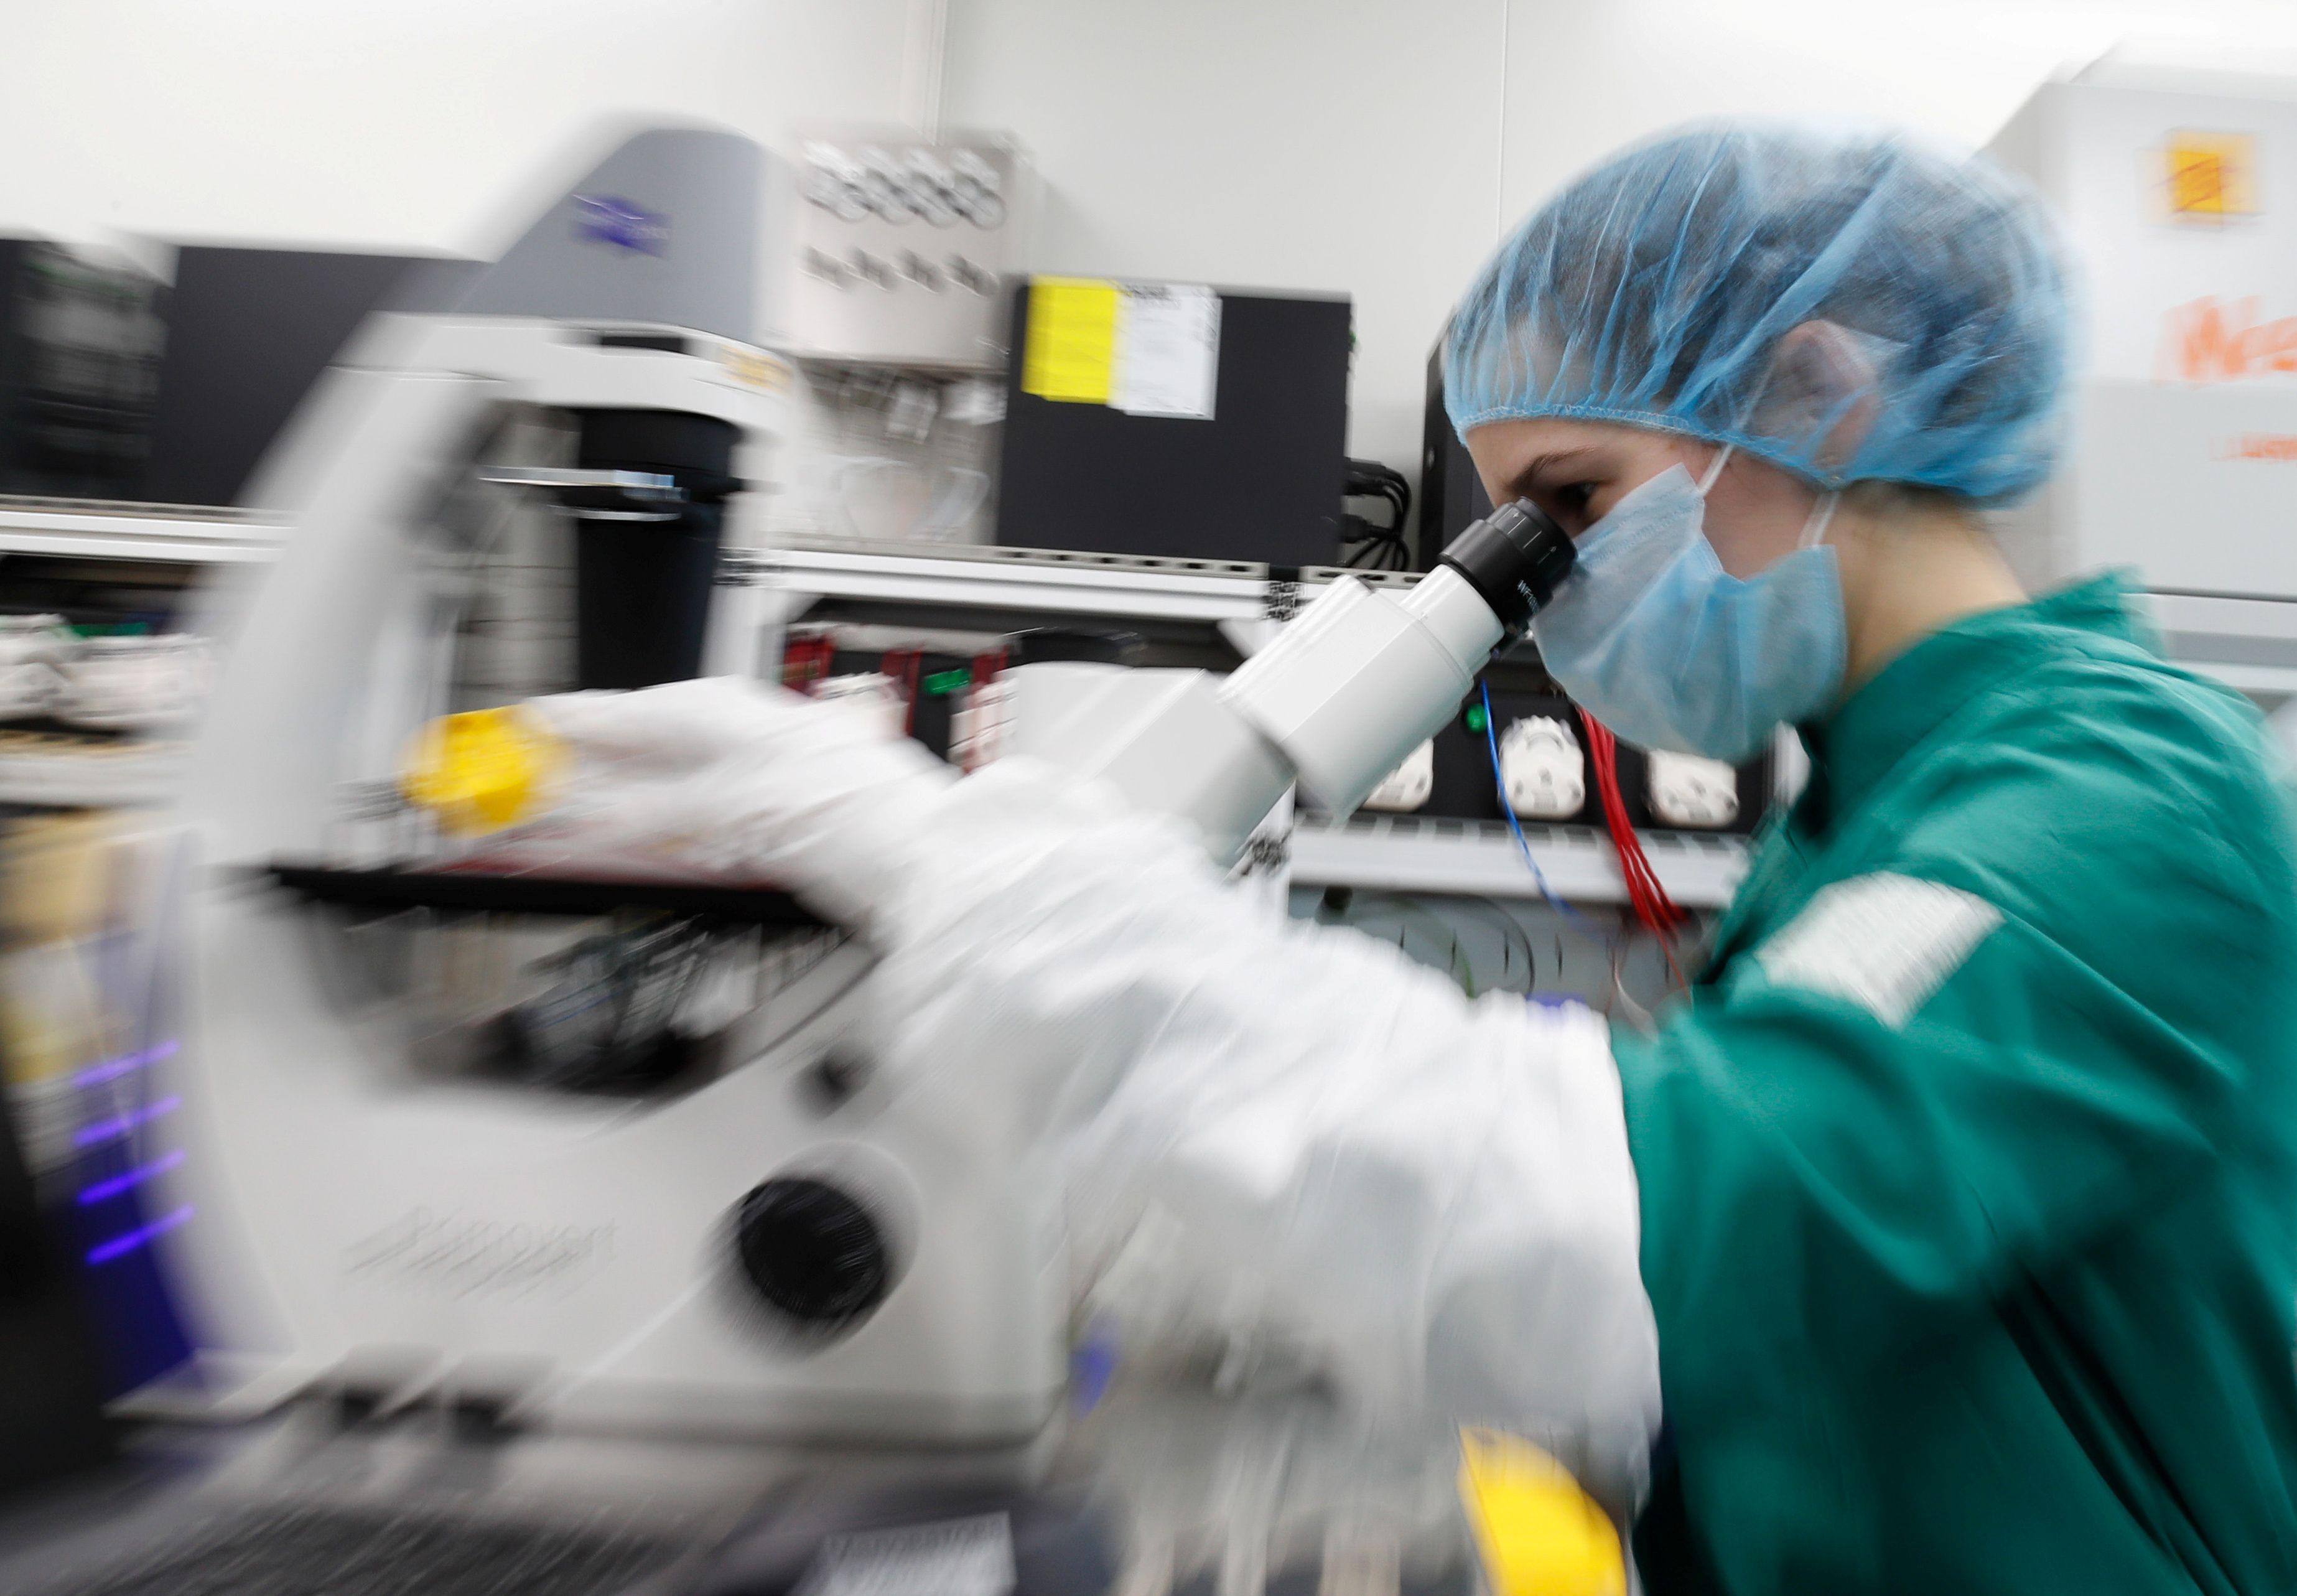 Una investigadora en San Petesburgo analiza el coronavirus bajo un microscopio potente - REUTERS/Anton Vaganov